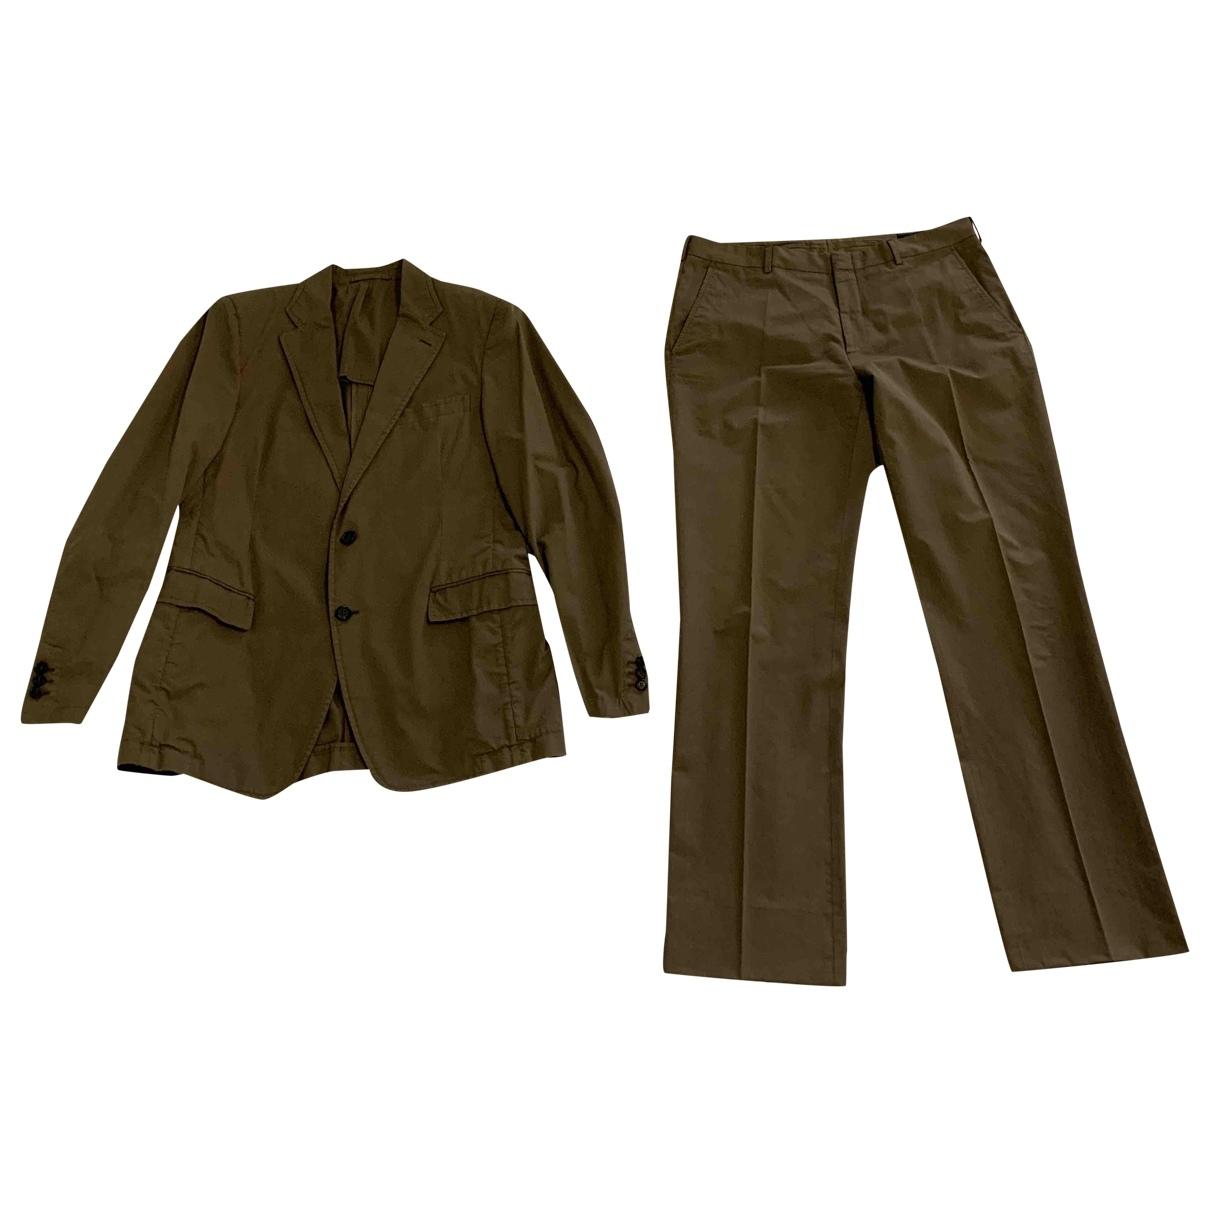 Prada - Costumes   pour homme en coton - marron